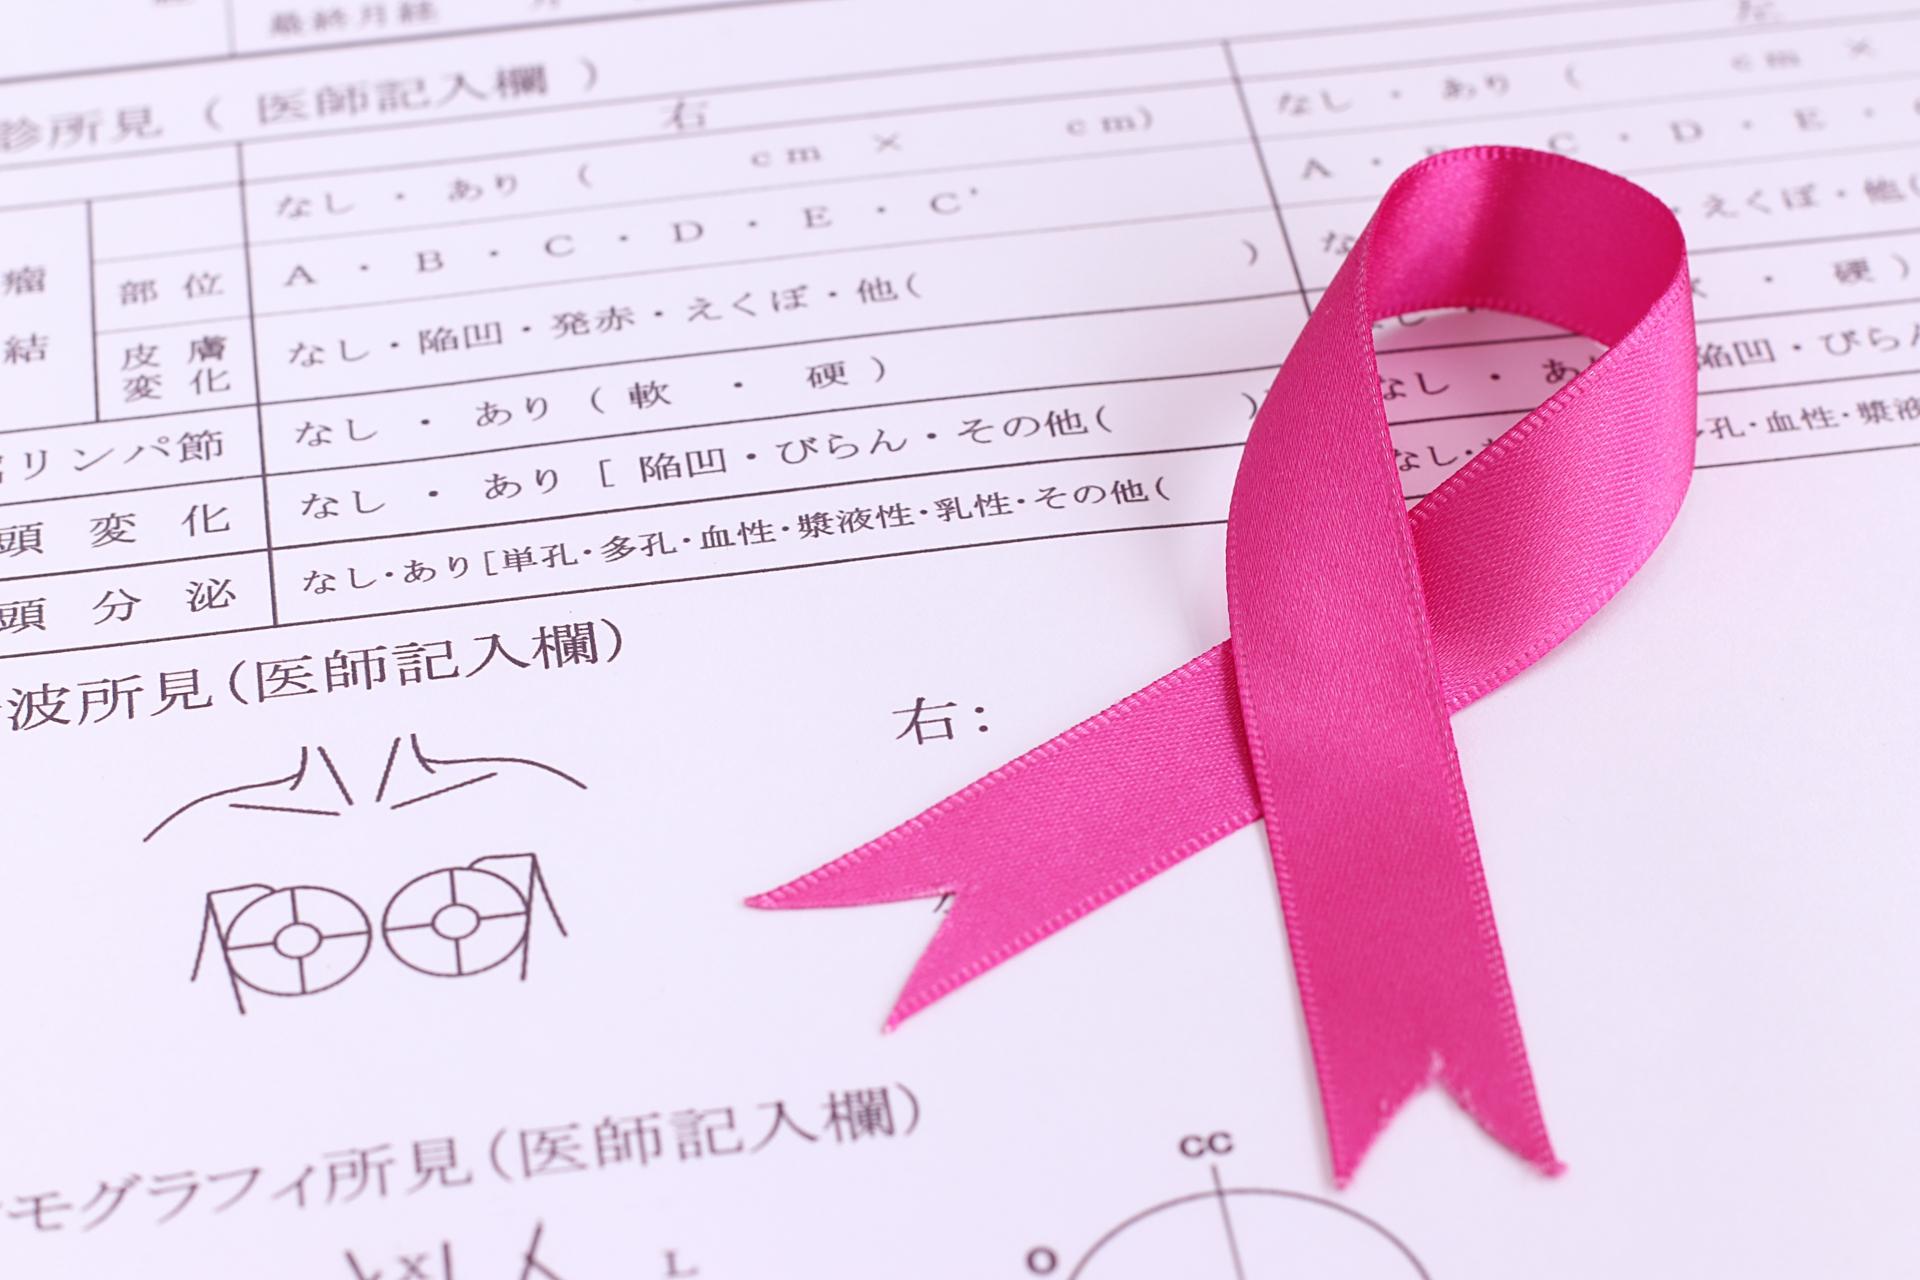 生まれて初めての入院と乳がん手術 体験記